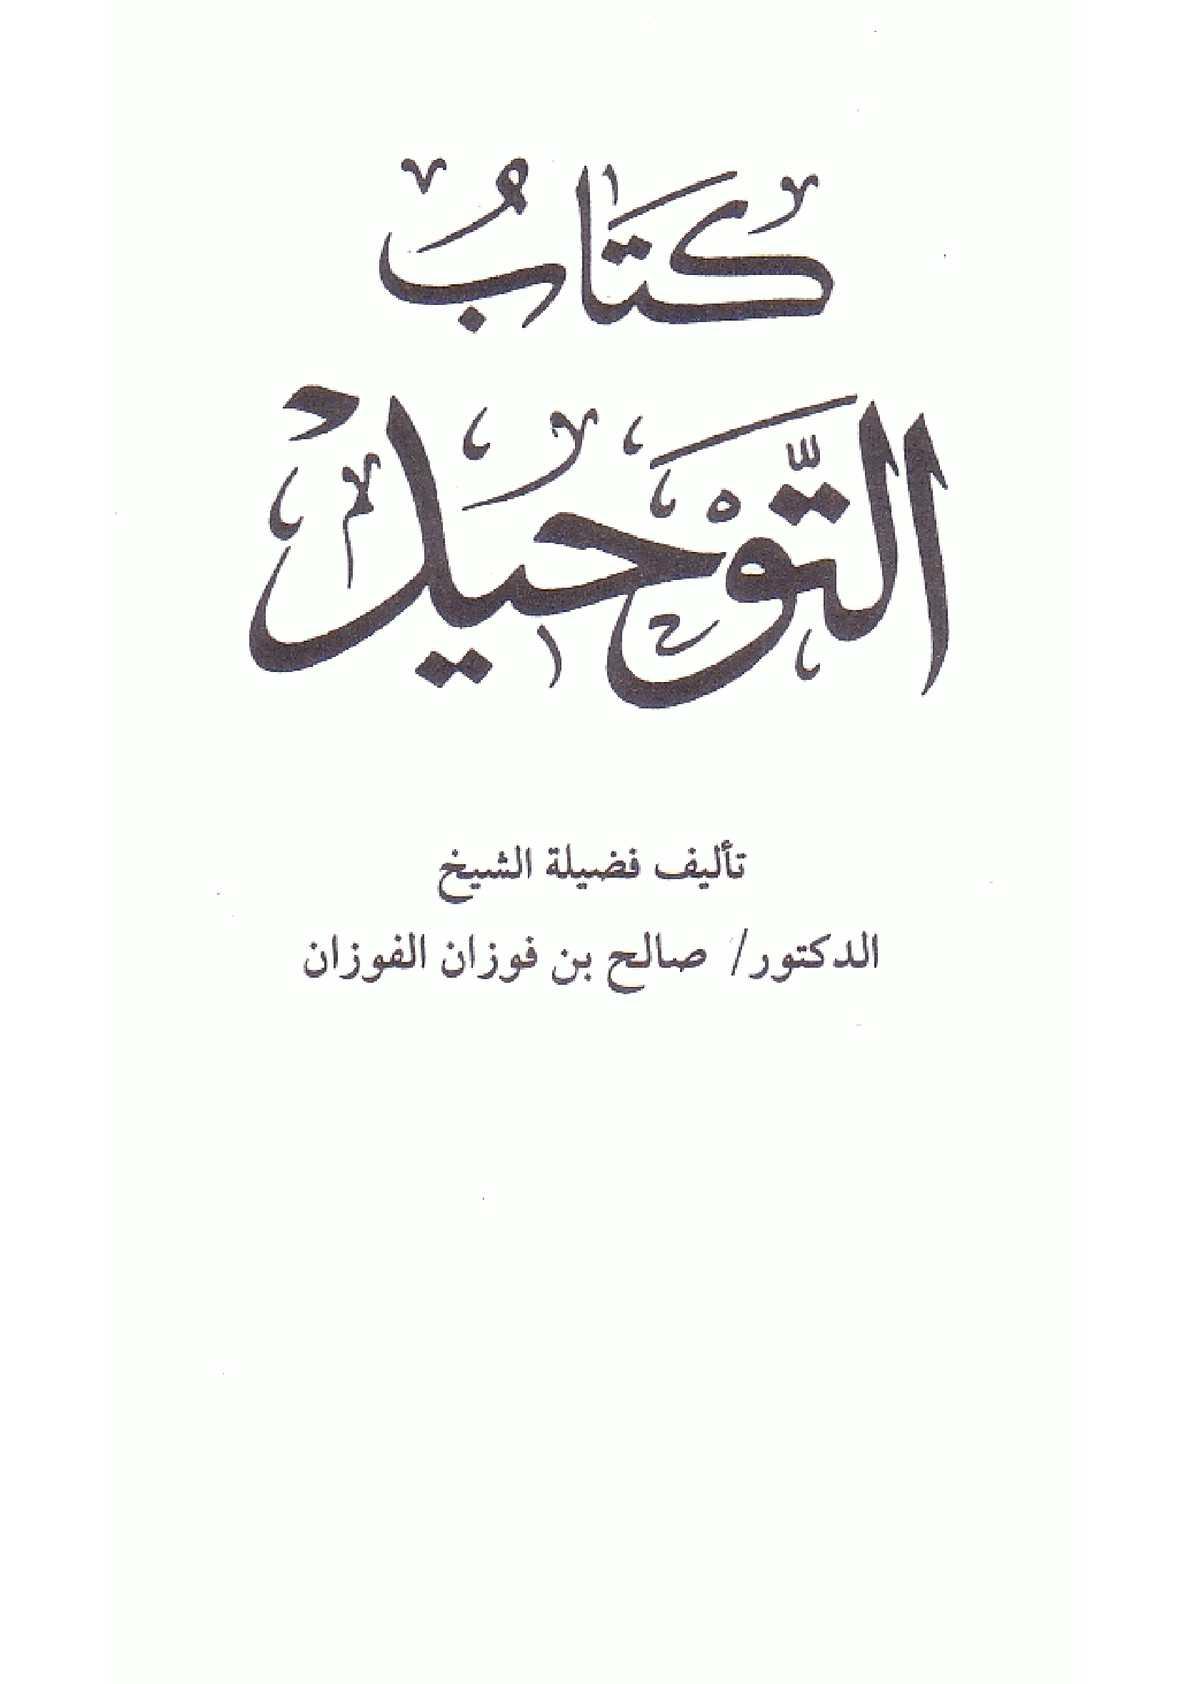 كتاب التوحيد للشيخ صالح الفوزان pdf